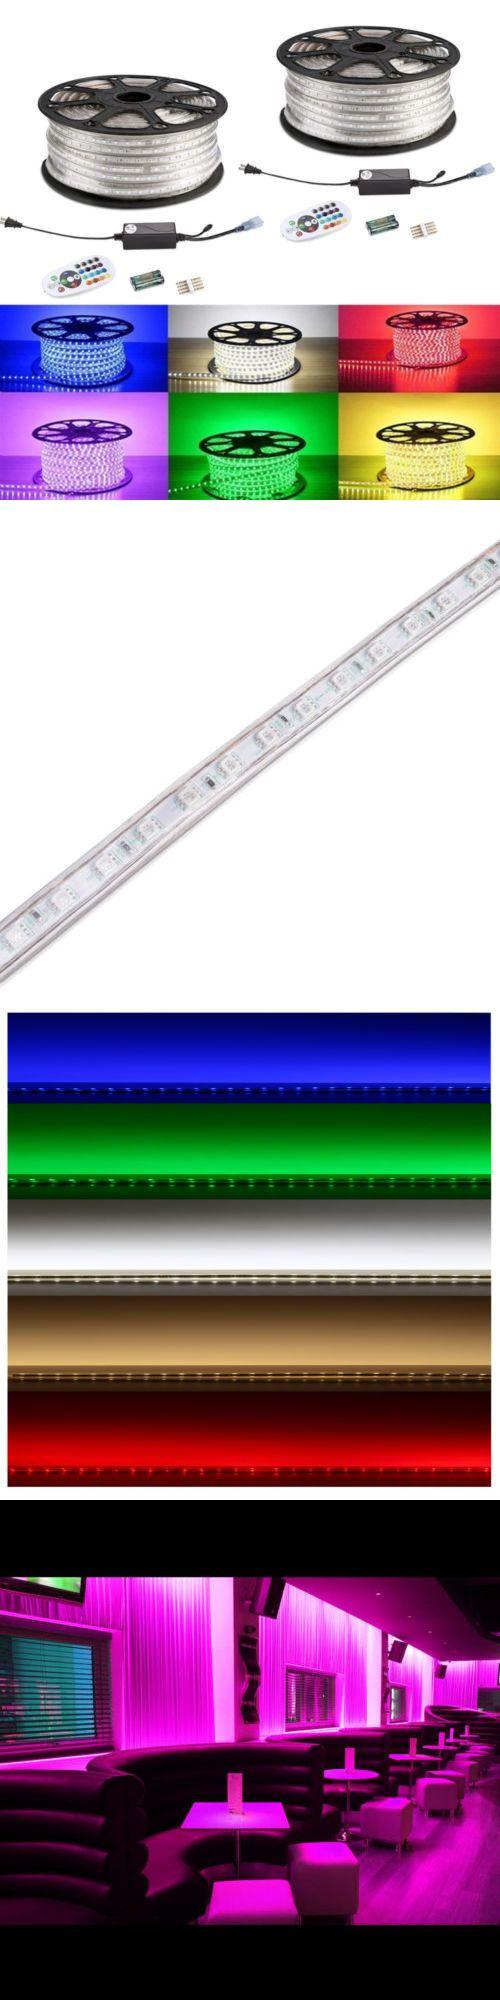 Color lines online strip game - String Lights Fairy Lights 116022 Le 2 X 50m 110 120v Rgb Color 5050